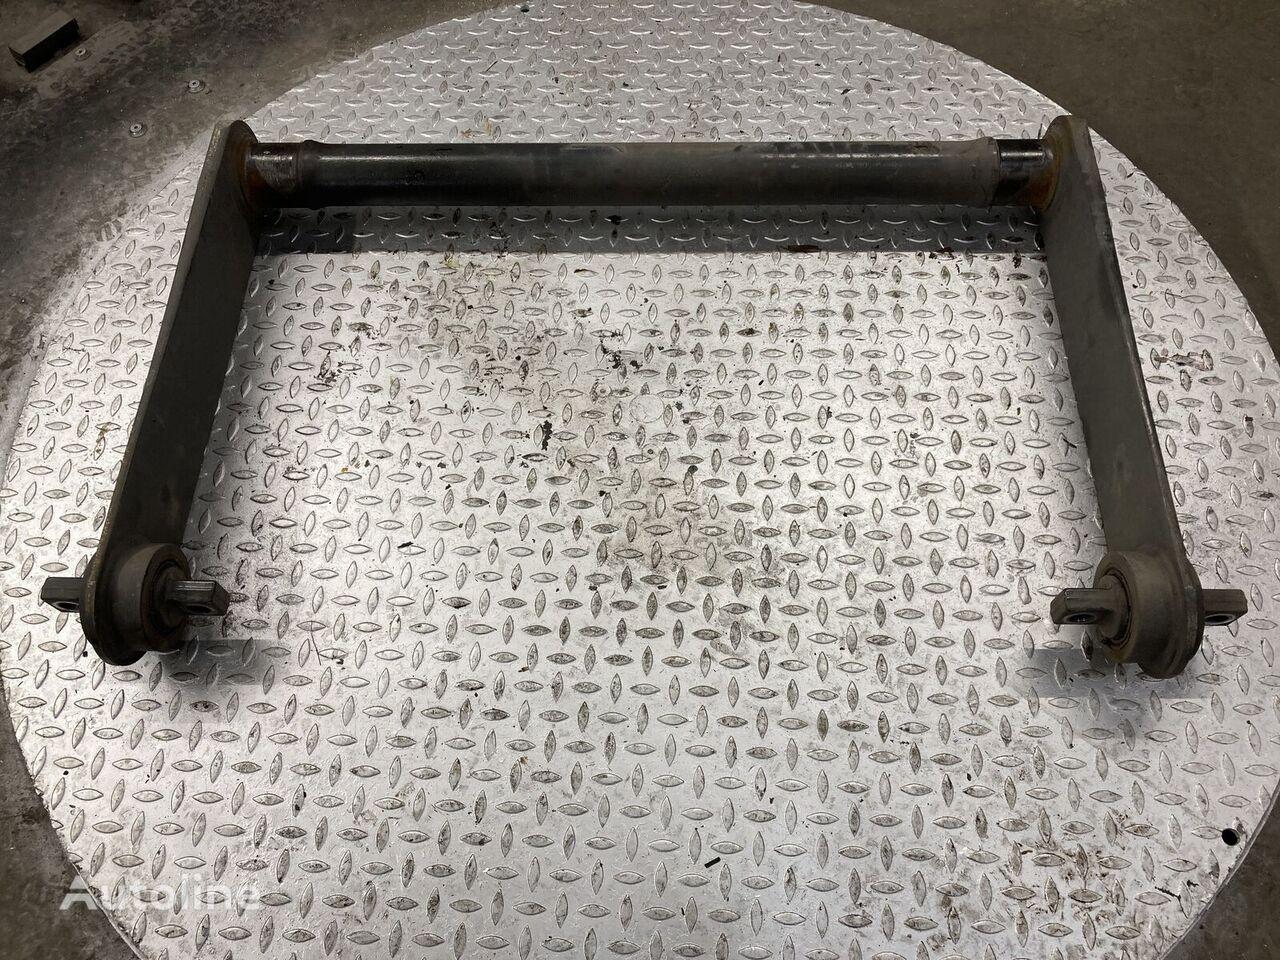 Torsiestaaf achteras peças sobressalentes para MERCEDES-BENZ Torsiestaaf achteras camião